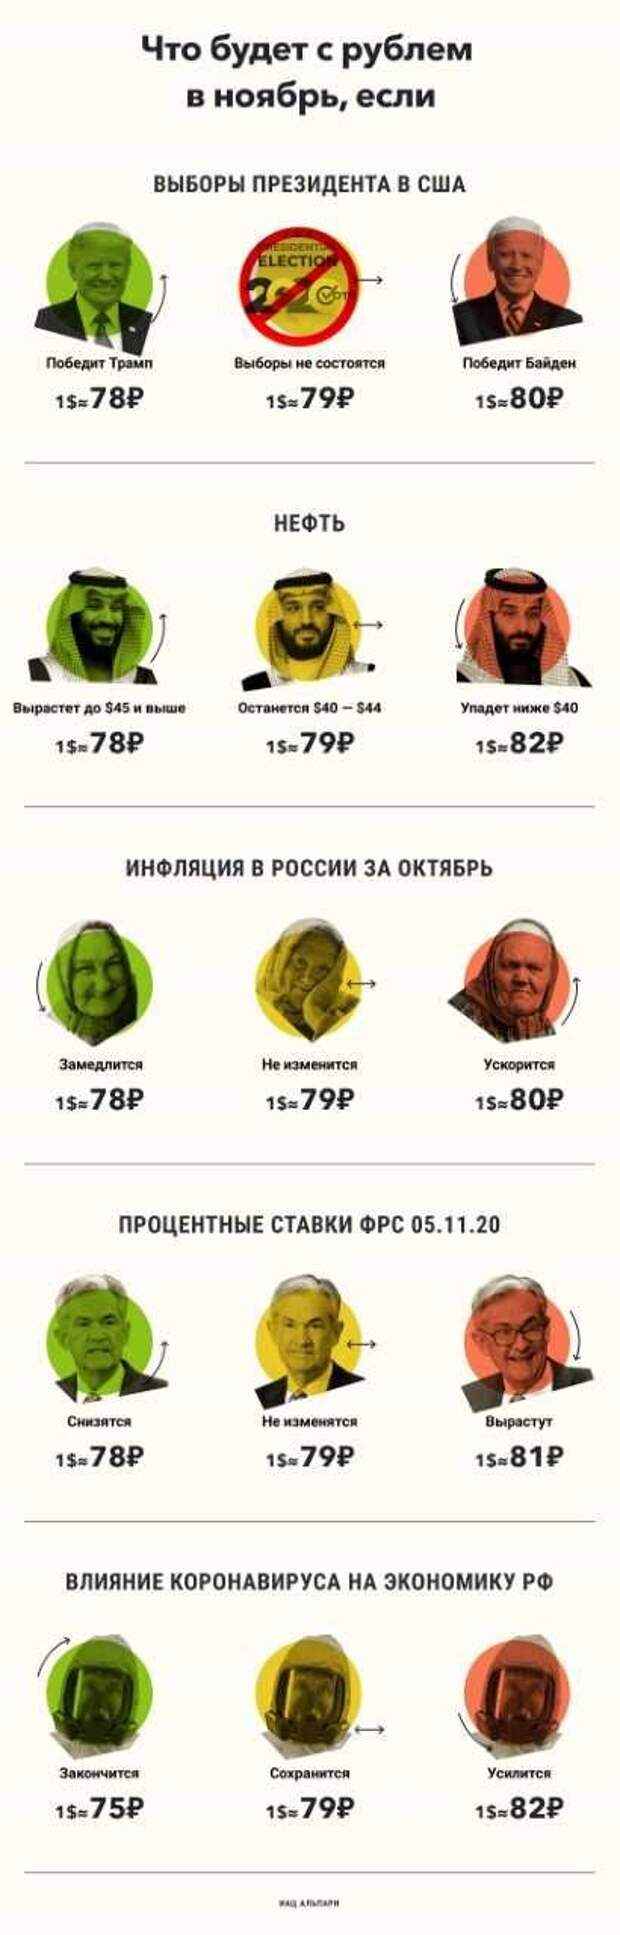 Доллар и рубль в ноябре: главное событие месяца - выборы президента США